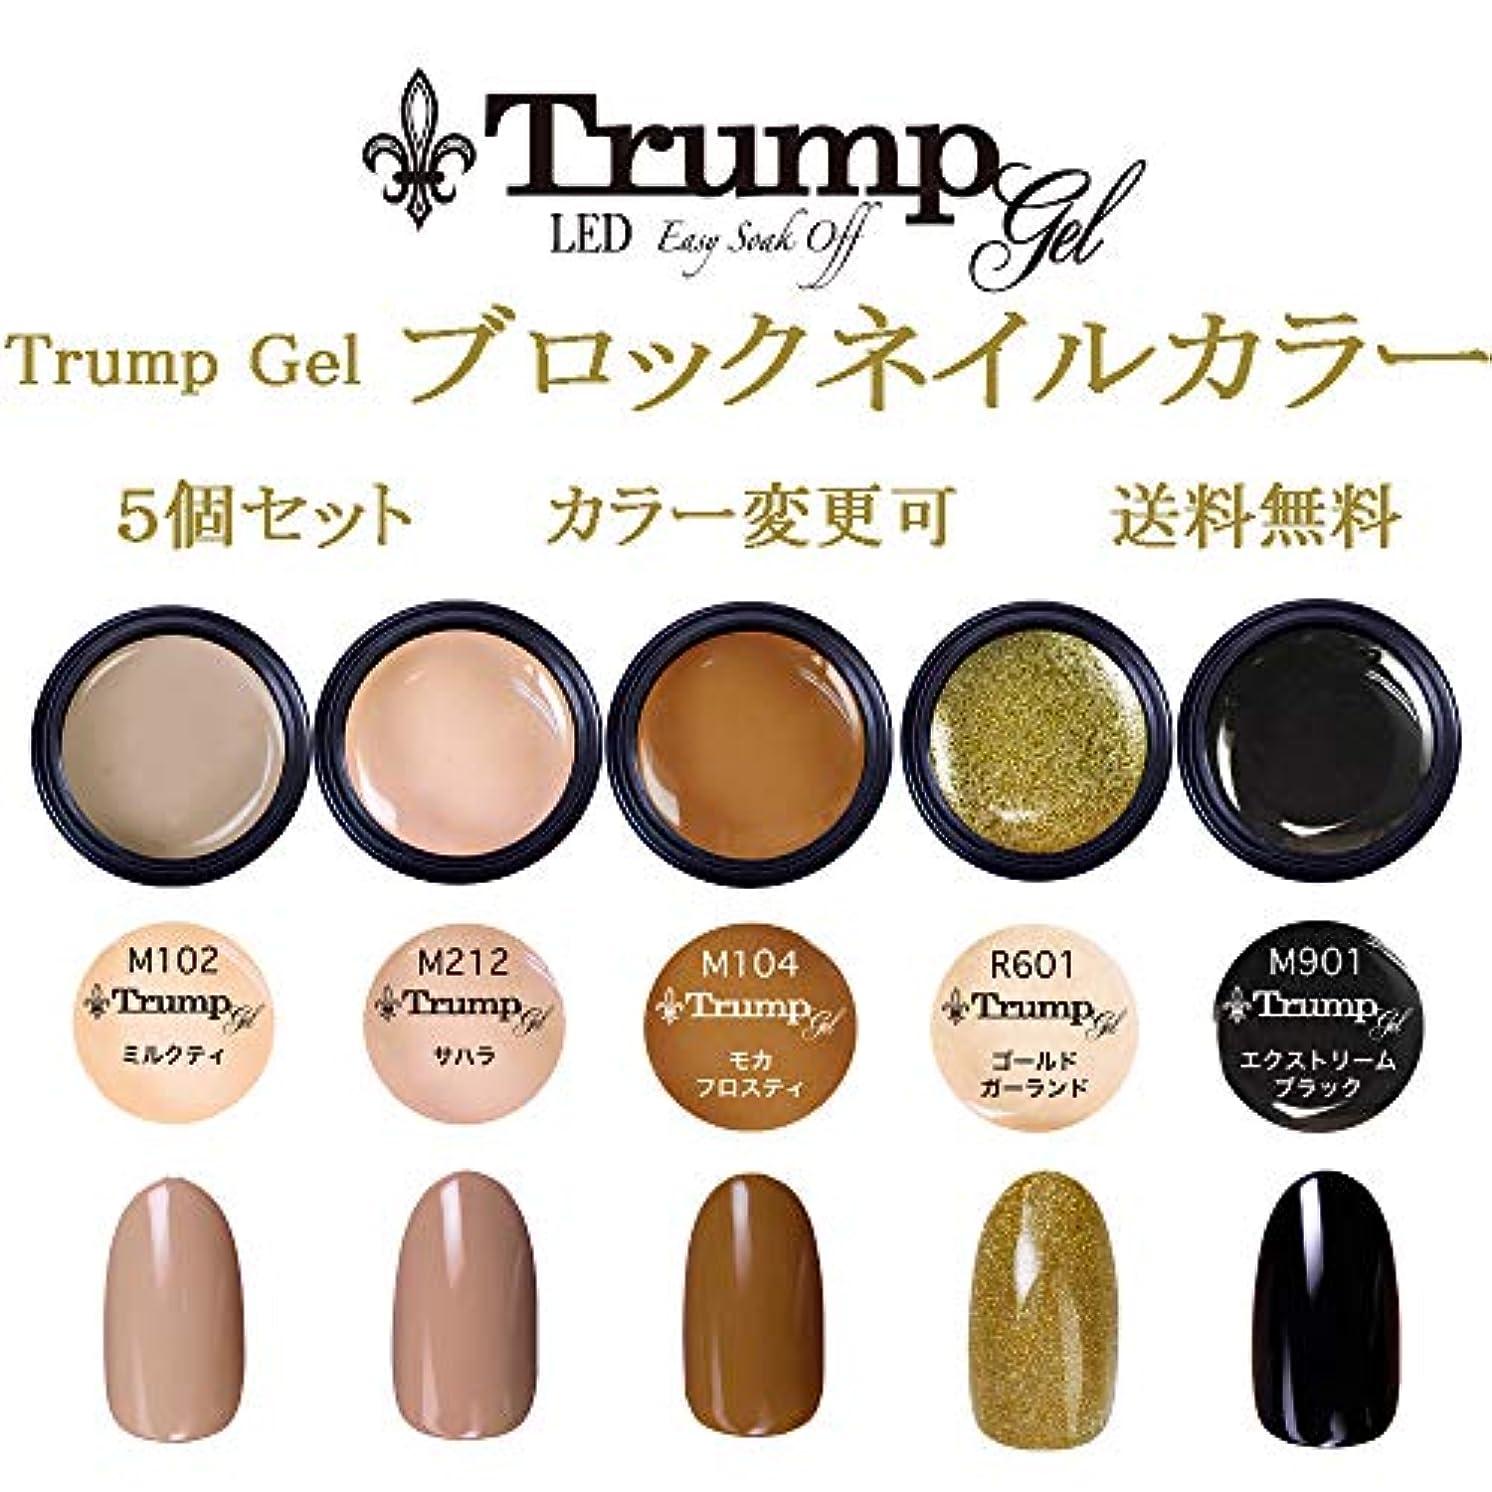 適合する焦がす苛性日本製 Trump gel トランプジェル ブロックネイル 選べる カラージェル 5個セット ゴールド ラメ ブラウン ブラック ピンク ベージュ